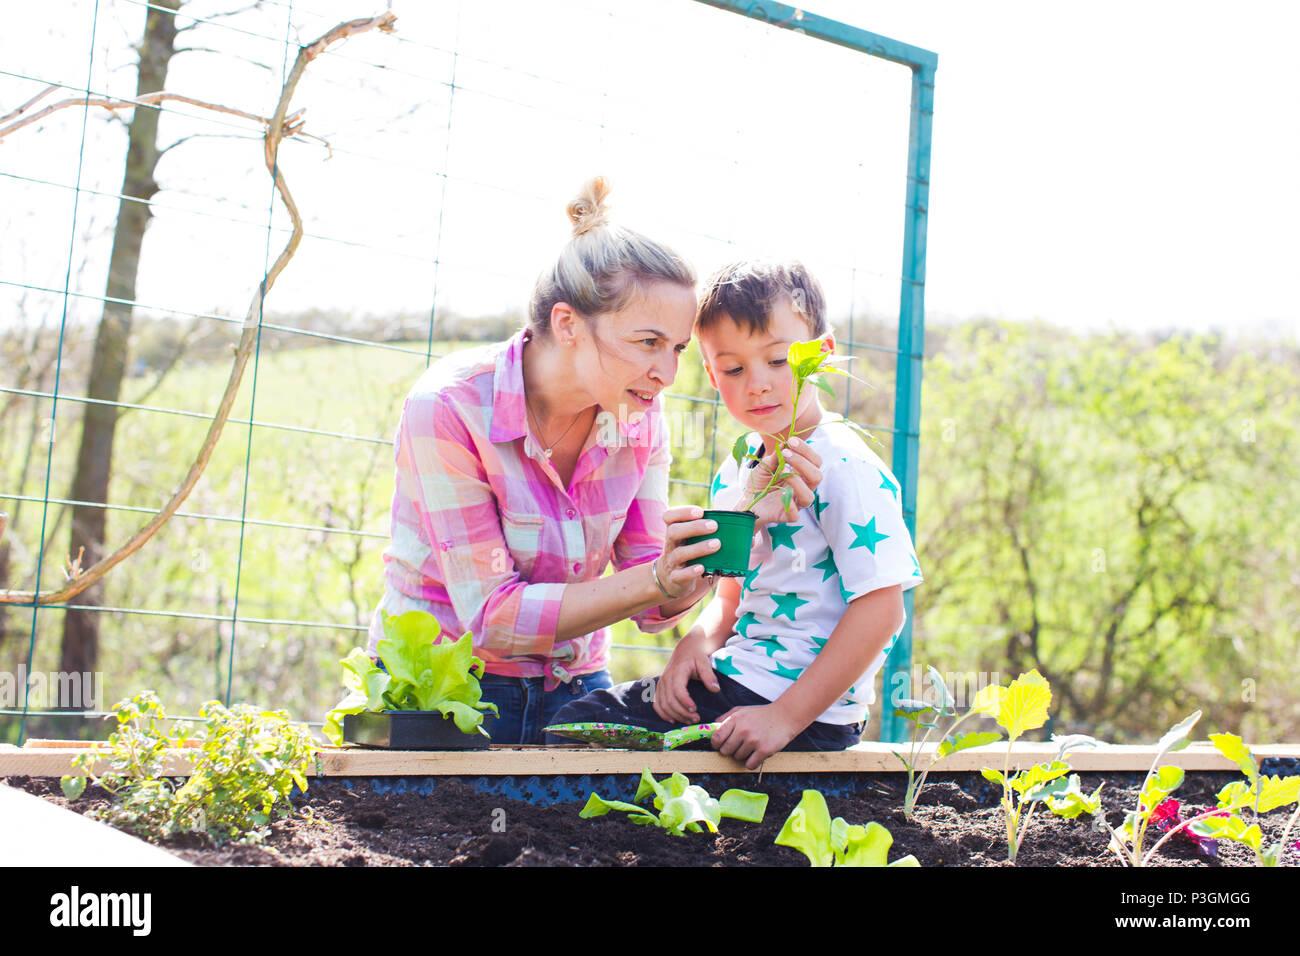 Hermosa madre y su hijo rubia ensalada de siembra en la cama levantada en su jardín Foto de stock